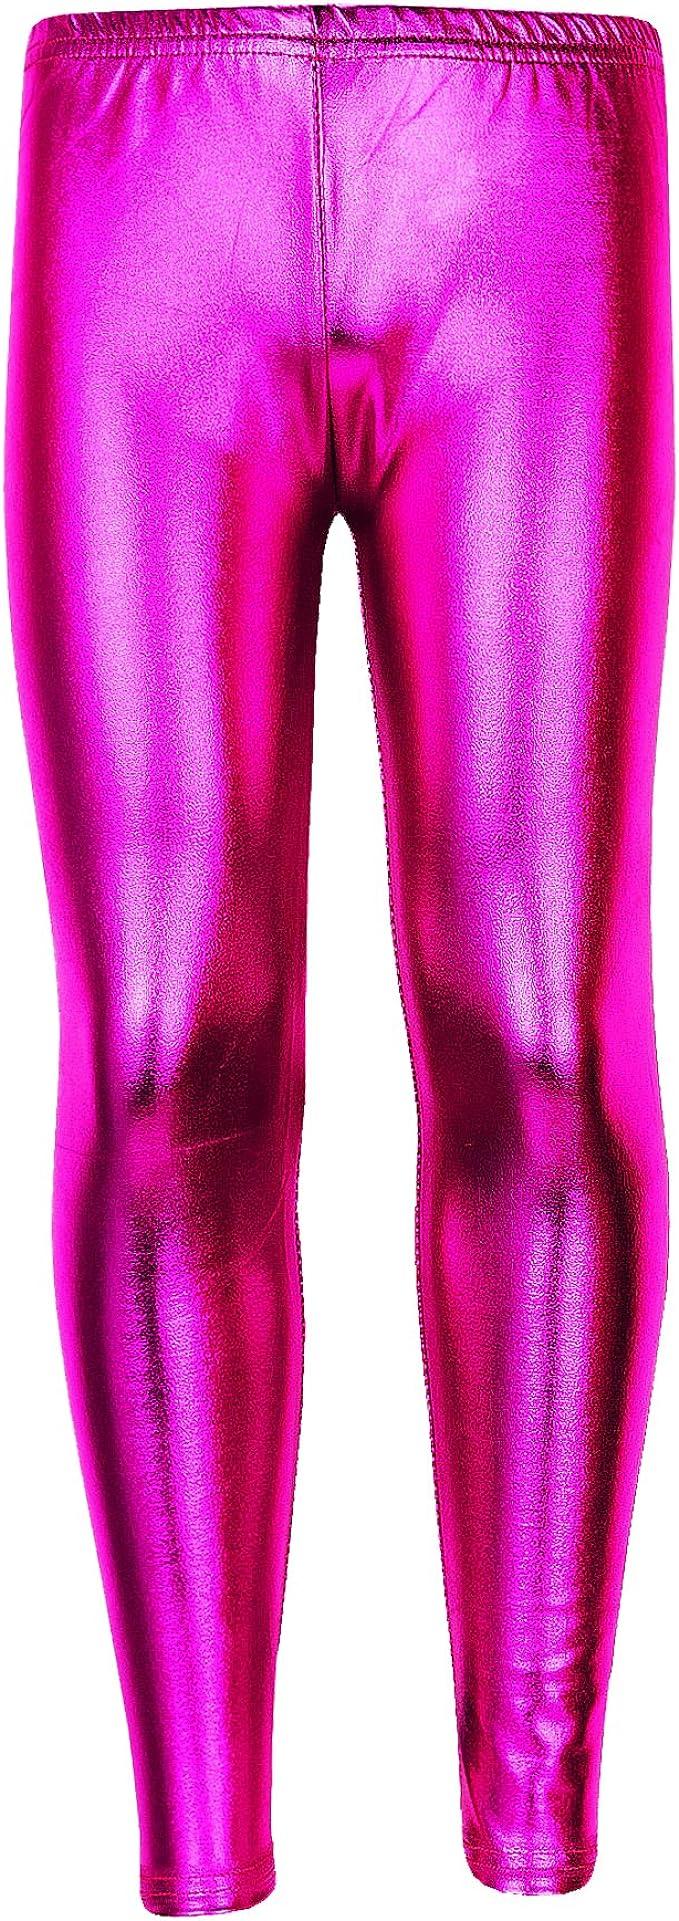 KDL Kids Girls Shiny Nylon Footless Disco Leggings for Ballet Gymnastics Dance